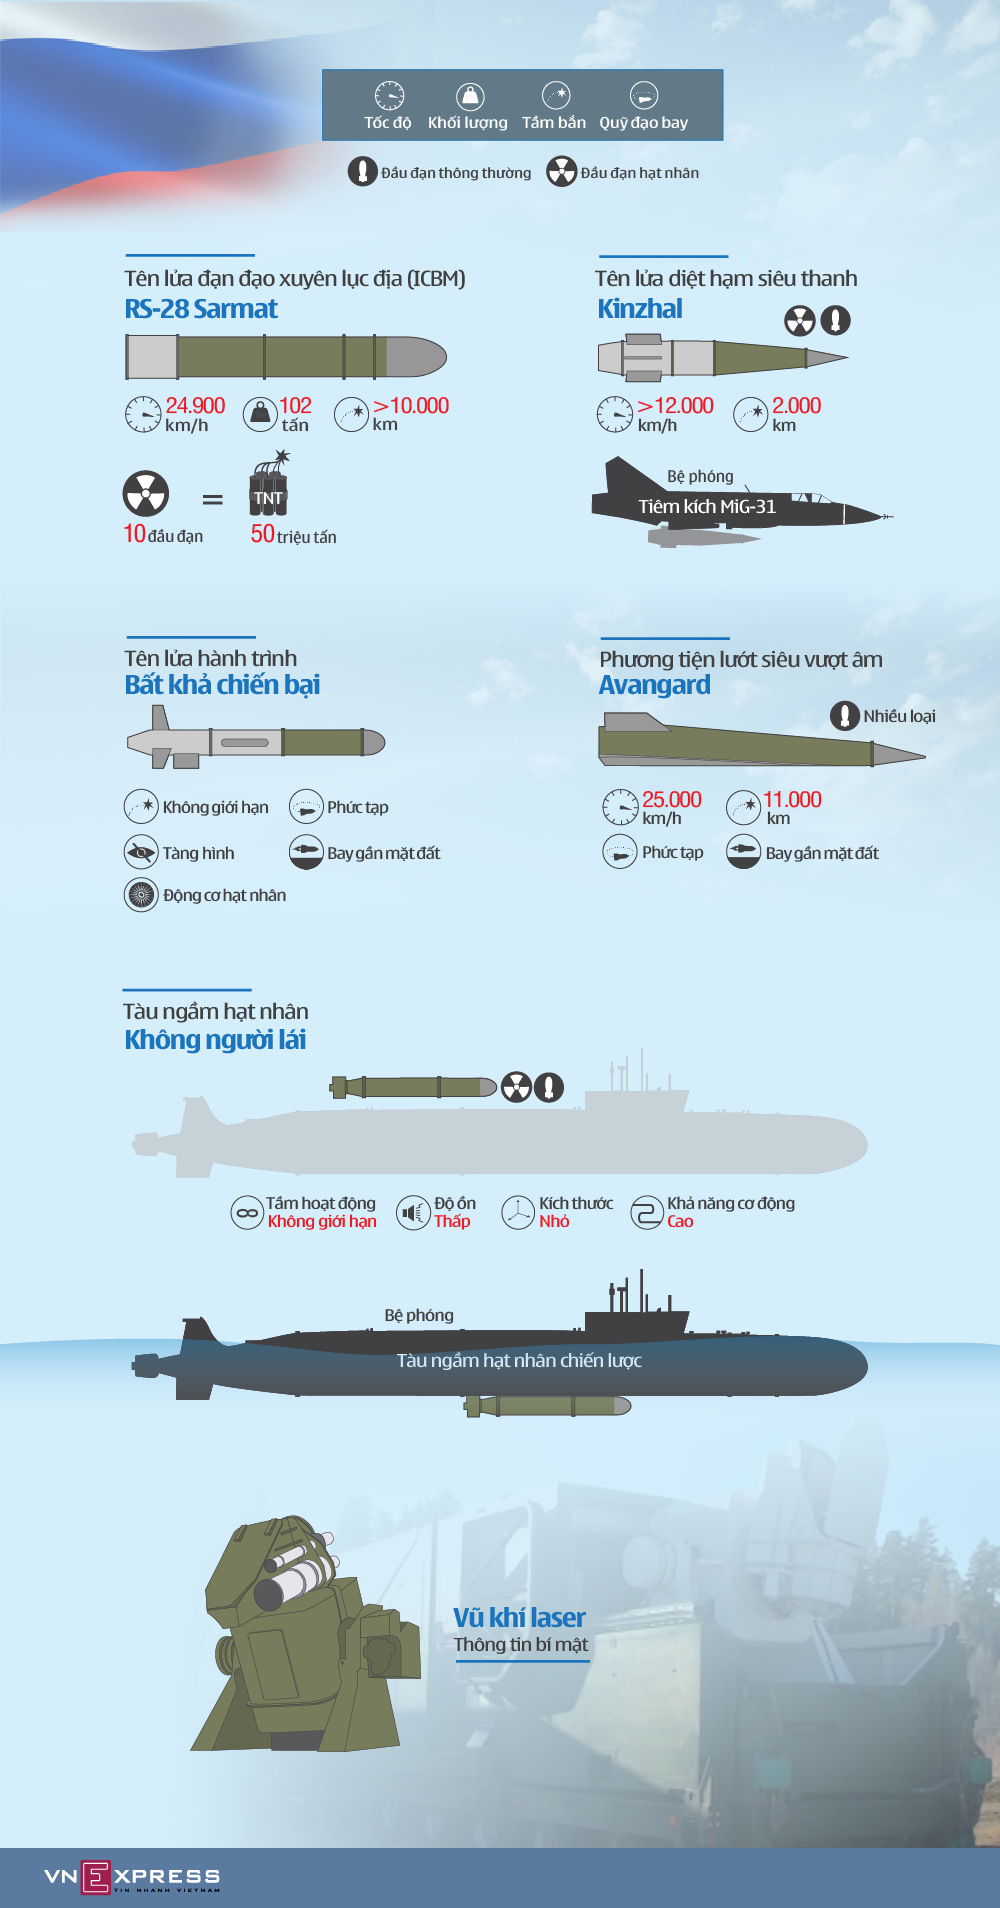 Loạt 'siêu vũ khí' được kỳ vọng giúp Nga khẳng định vị thế siêu cường